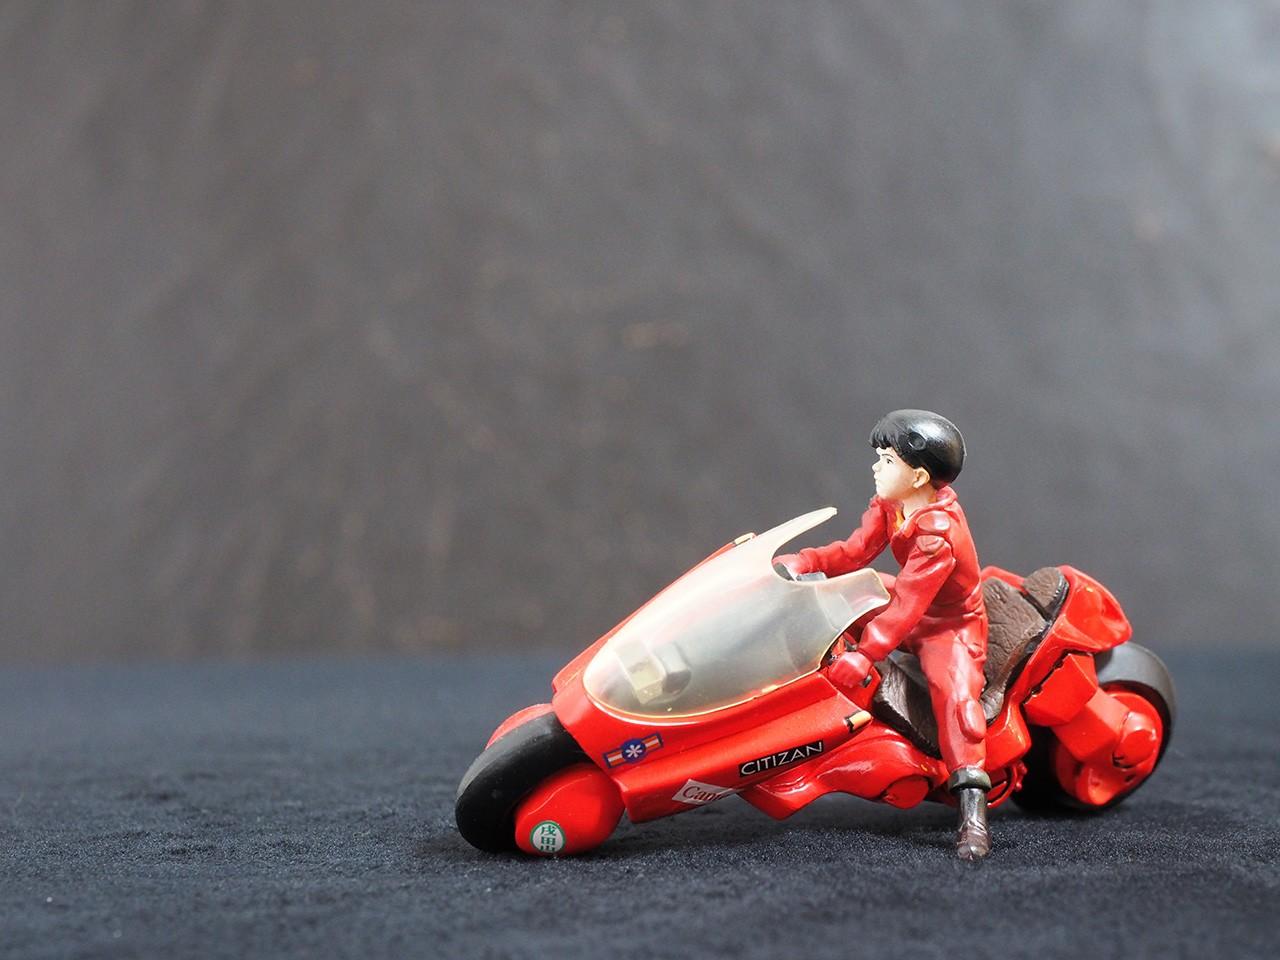 サトウさんが金田とバイクの写真を投稿しました!